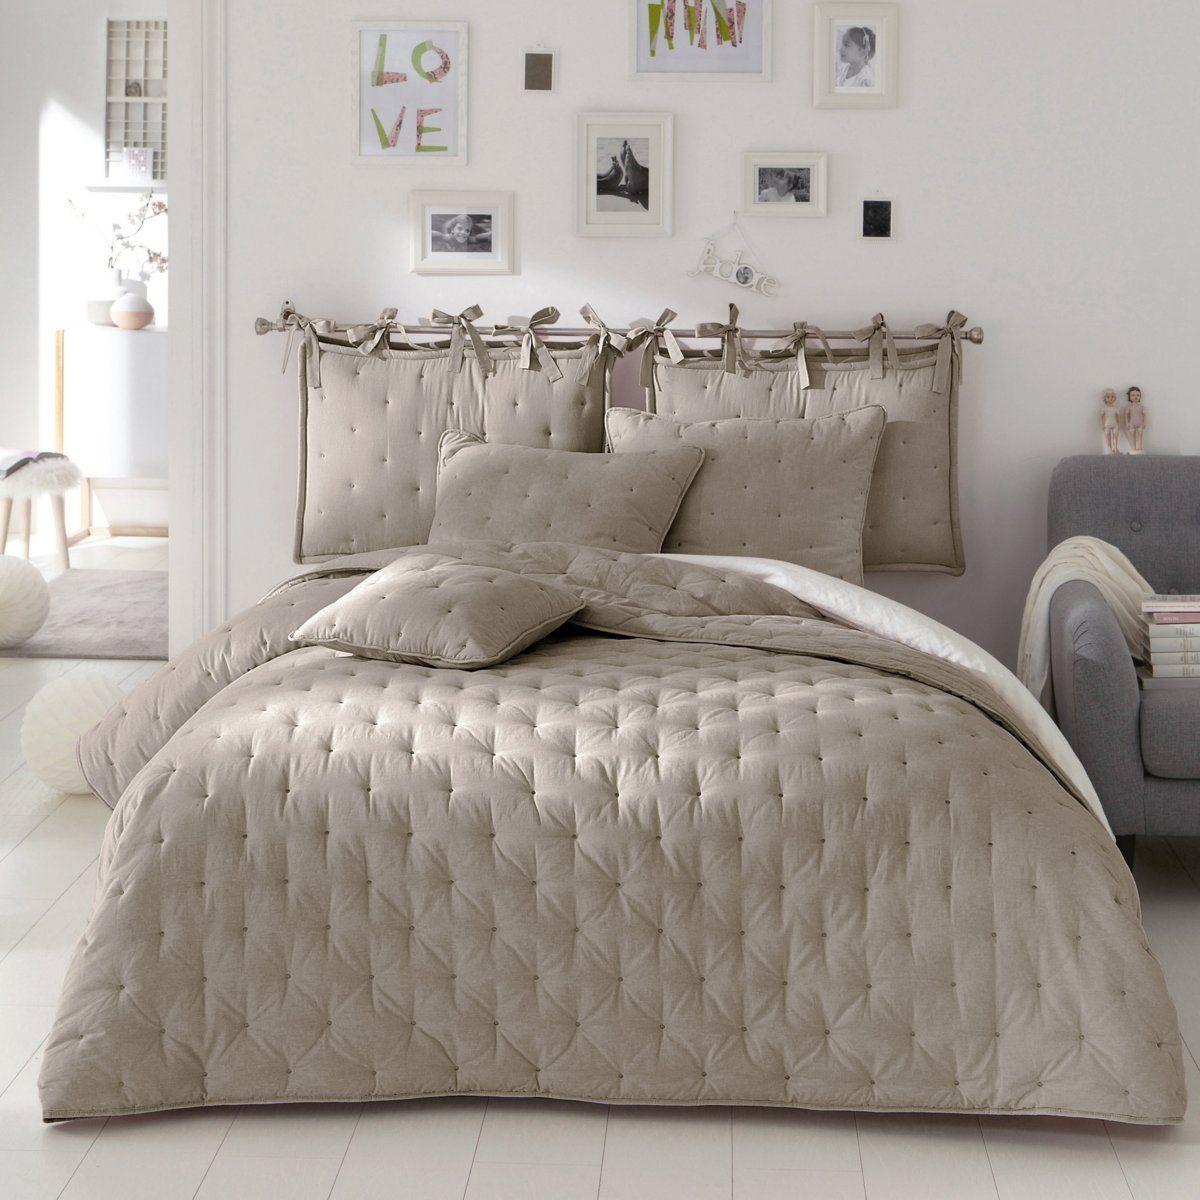 la redoute couvre lit Couvre lit brodé, AERI | La Redoute Interieurs | La Redoute | DIY  la redoute couvre lit